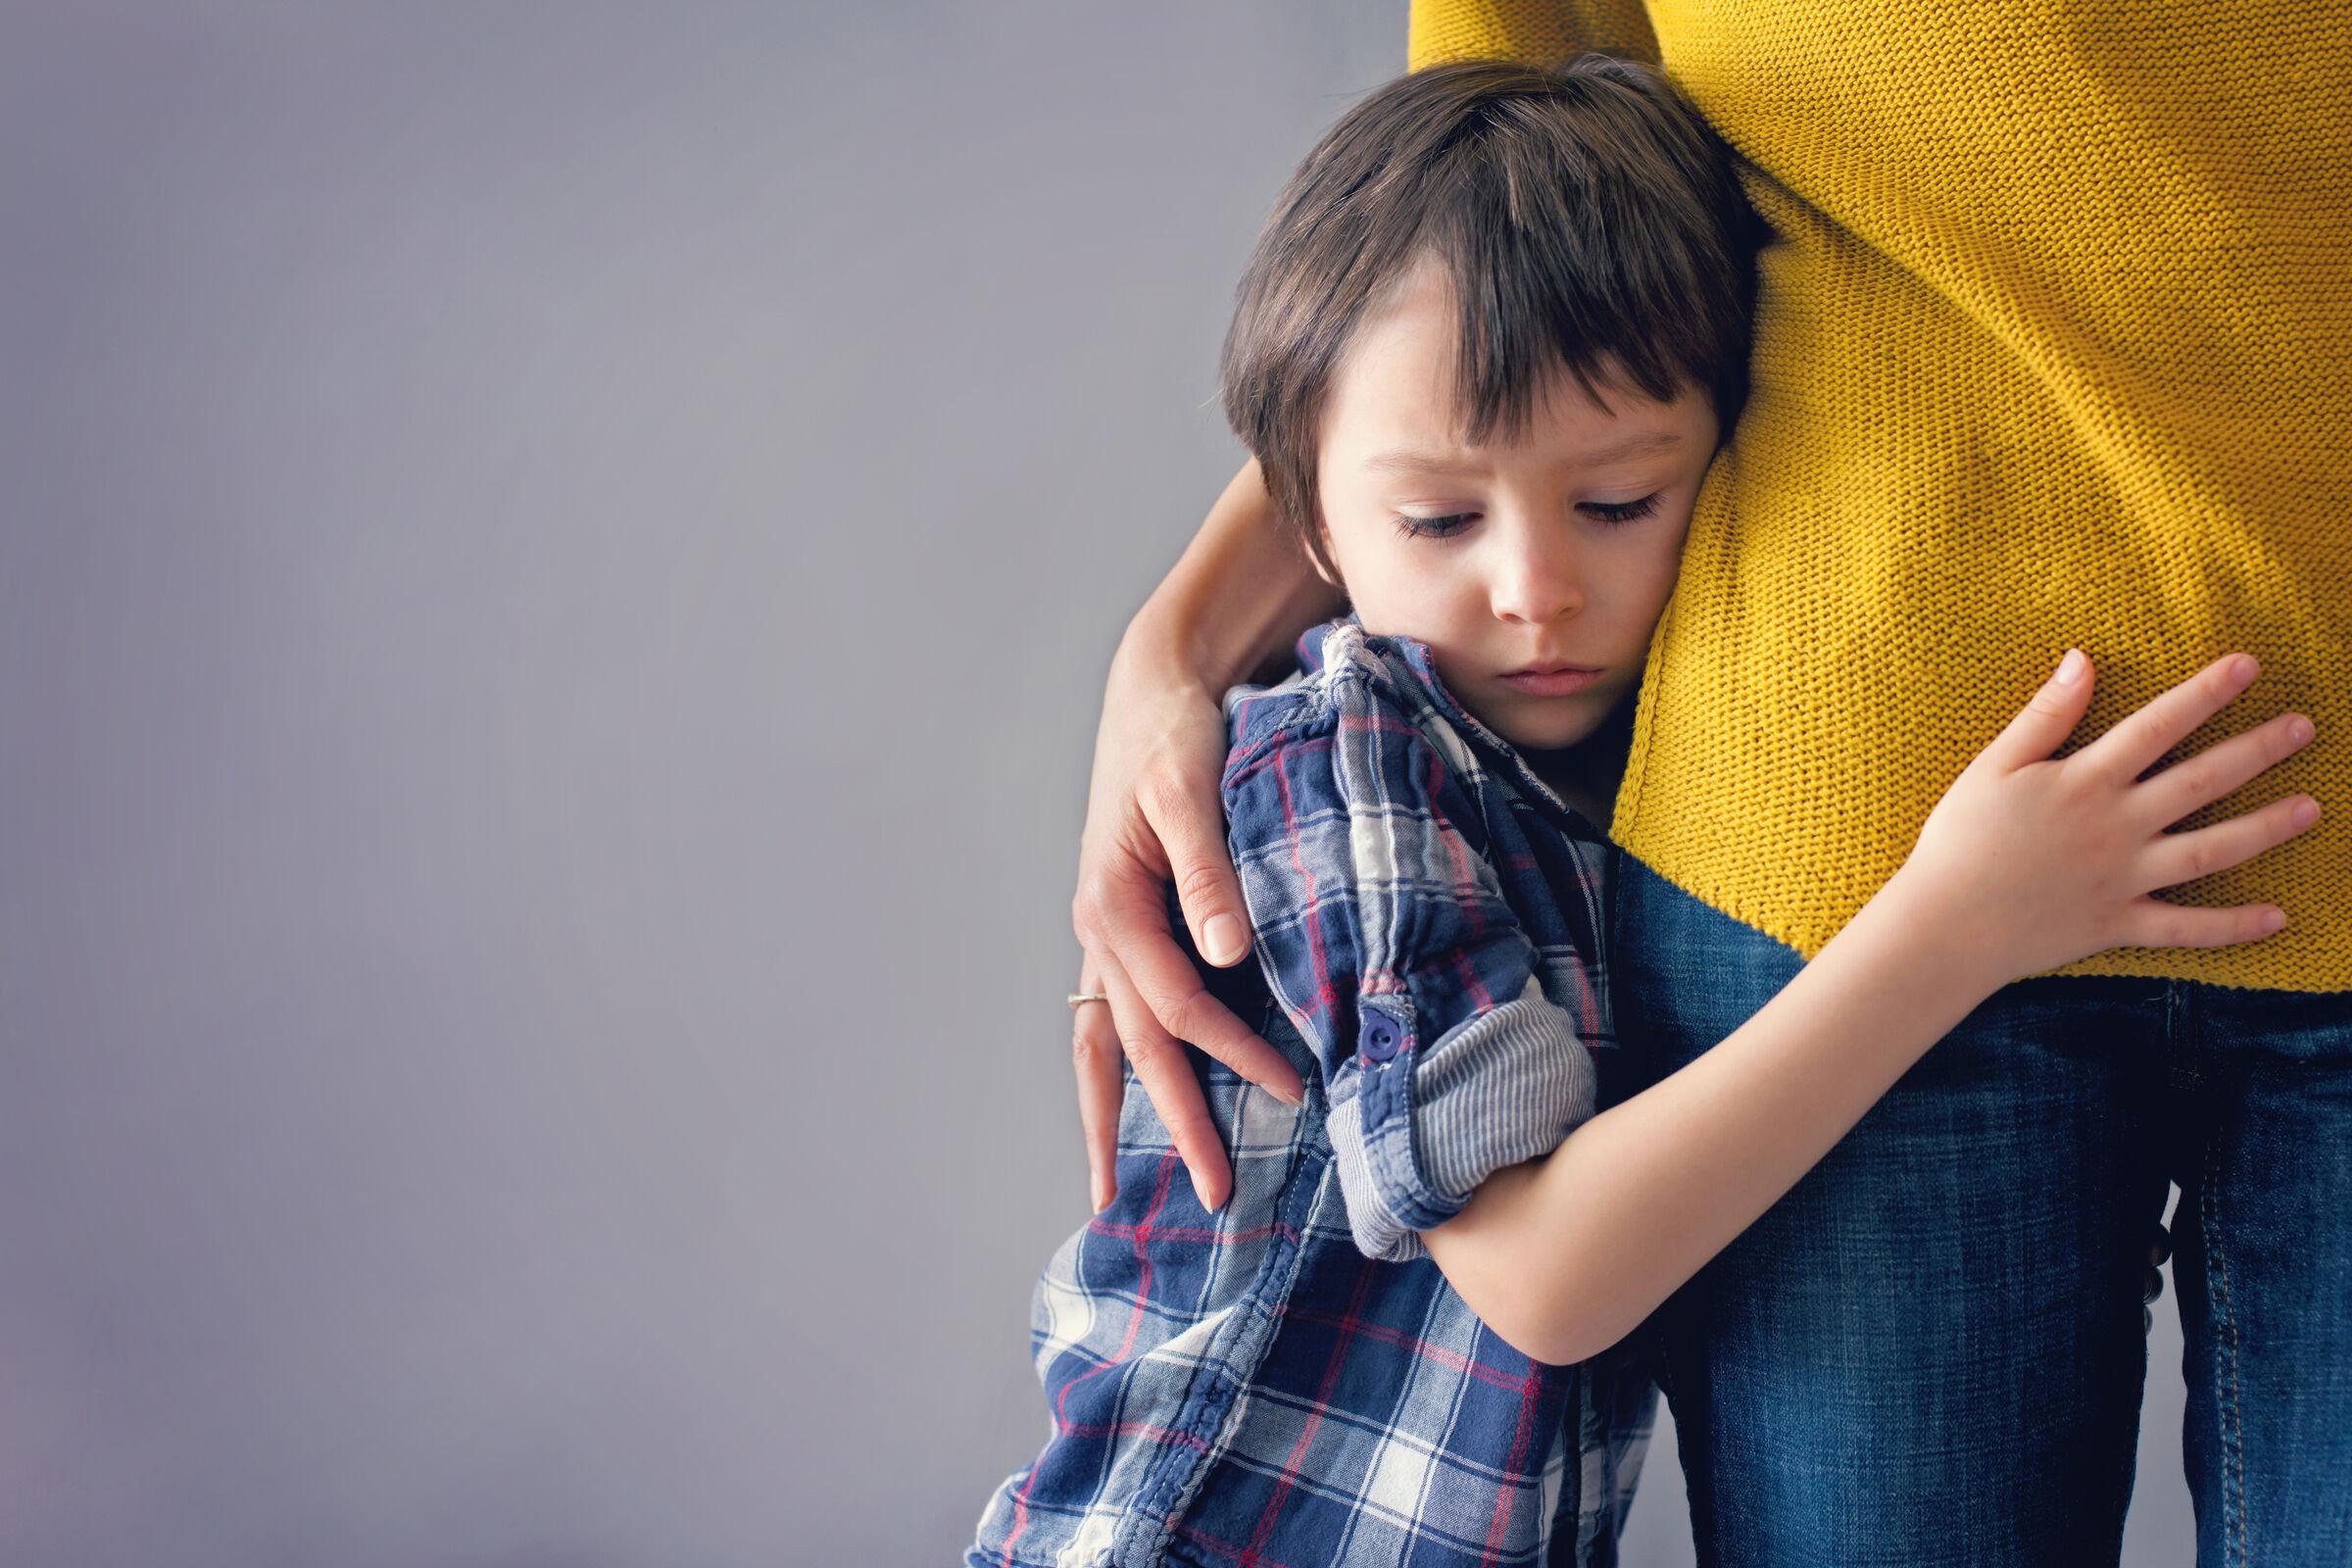 Criança abraçada com a mãe